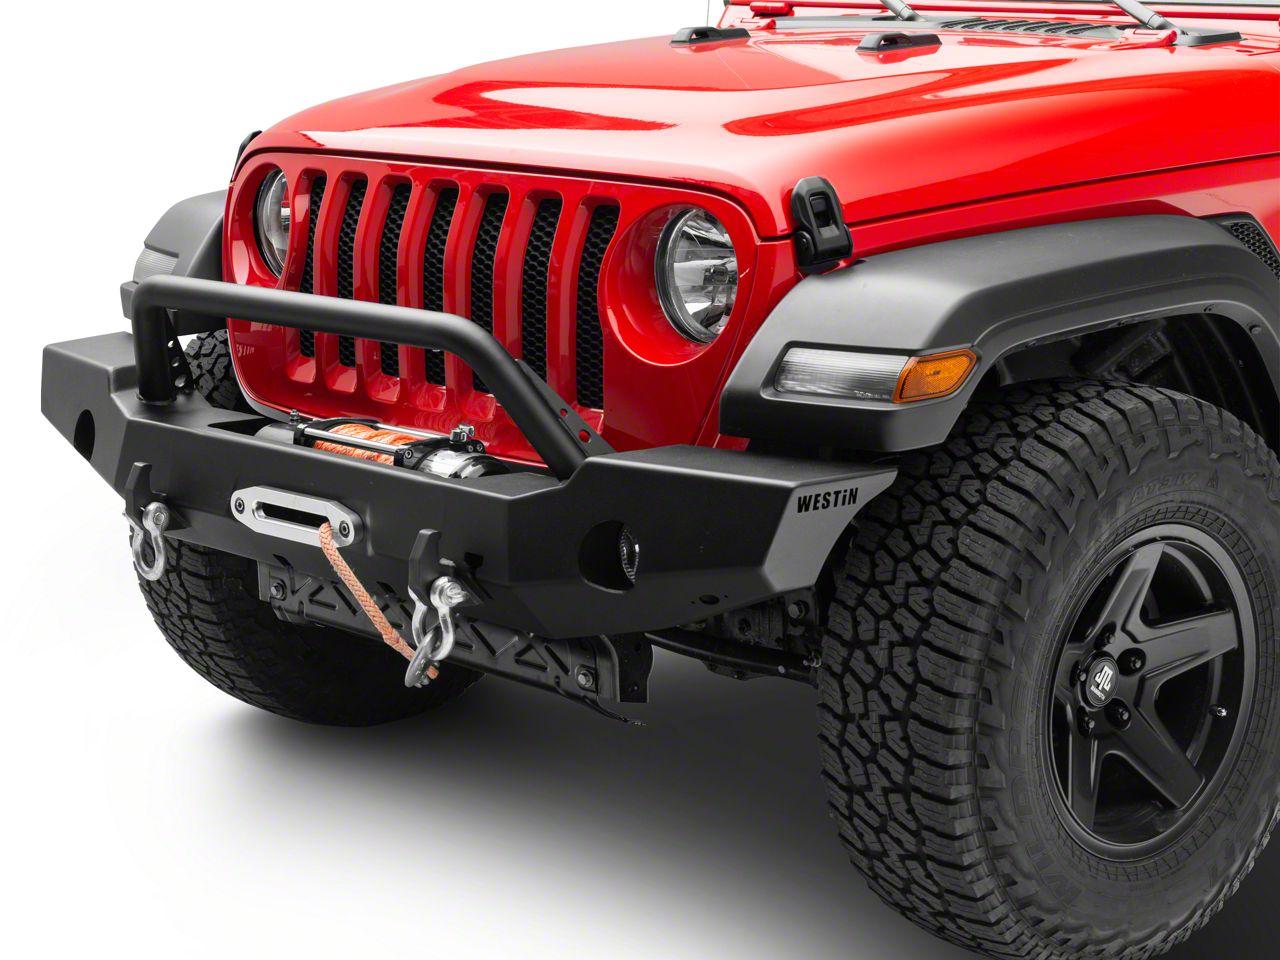 Westin WJ2 Full Width Front Bumper w/ Bull Bar - Textured Black (18-19 Jeep Wrangler JL)